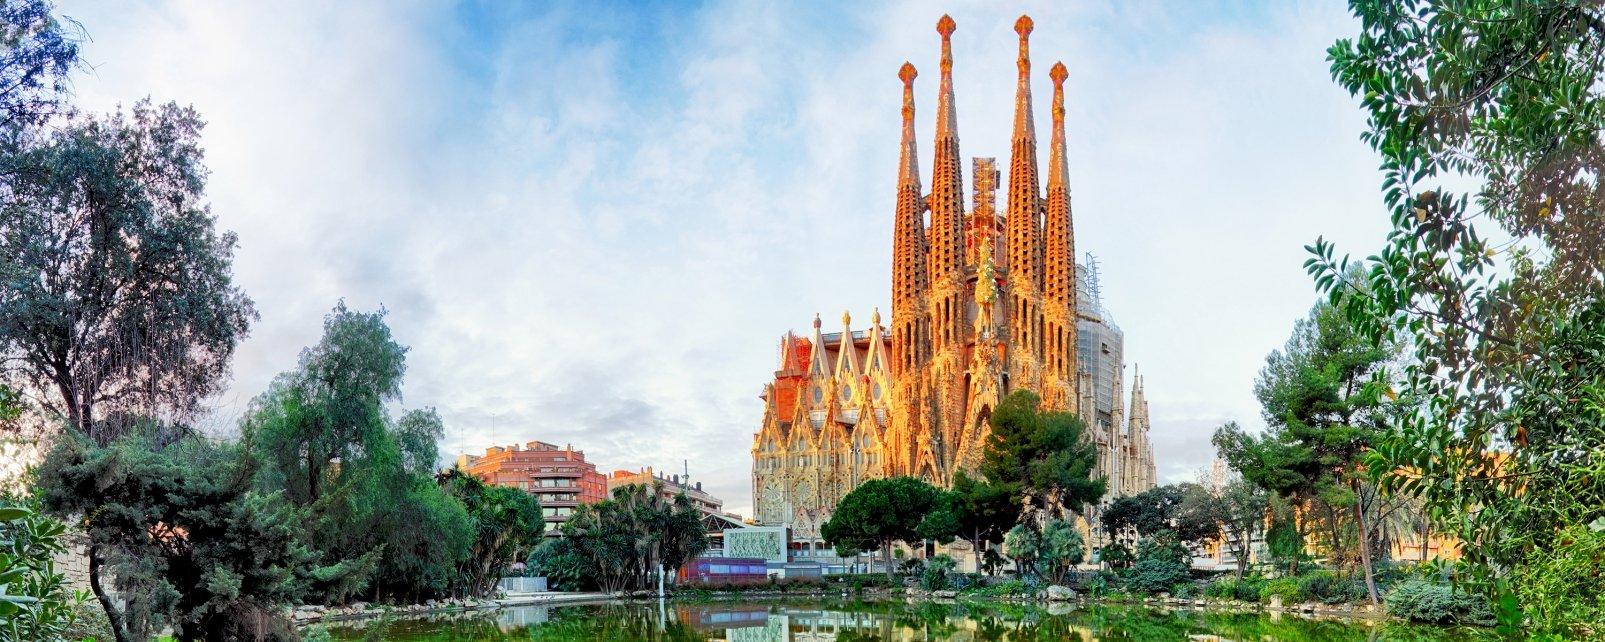 Templo de la Sagrada Familia, Los monumentos, Barcelona, Cataluña